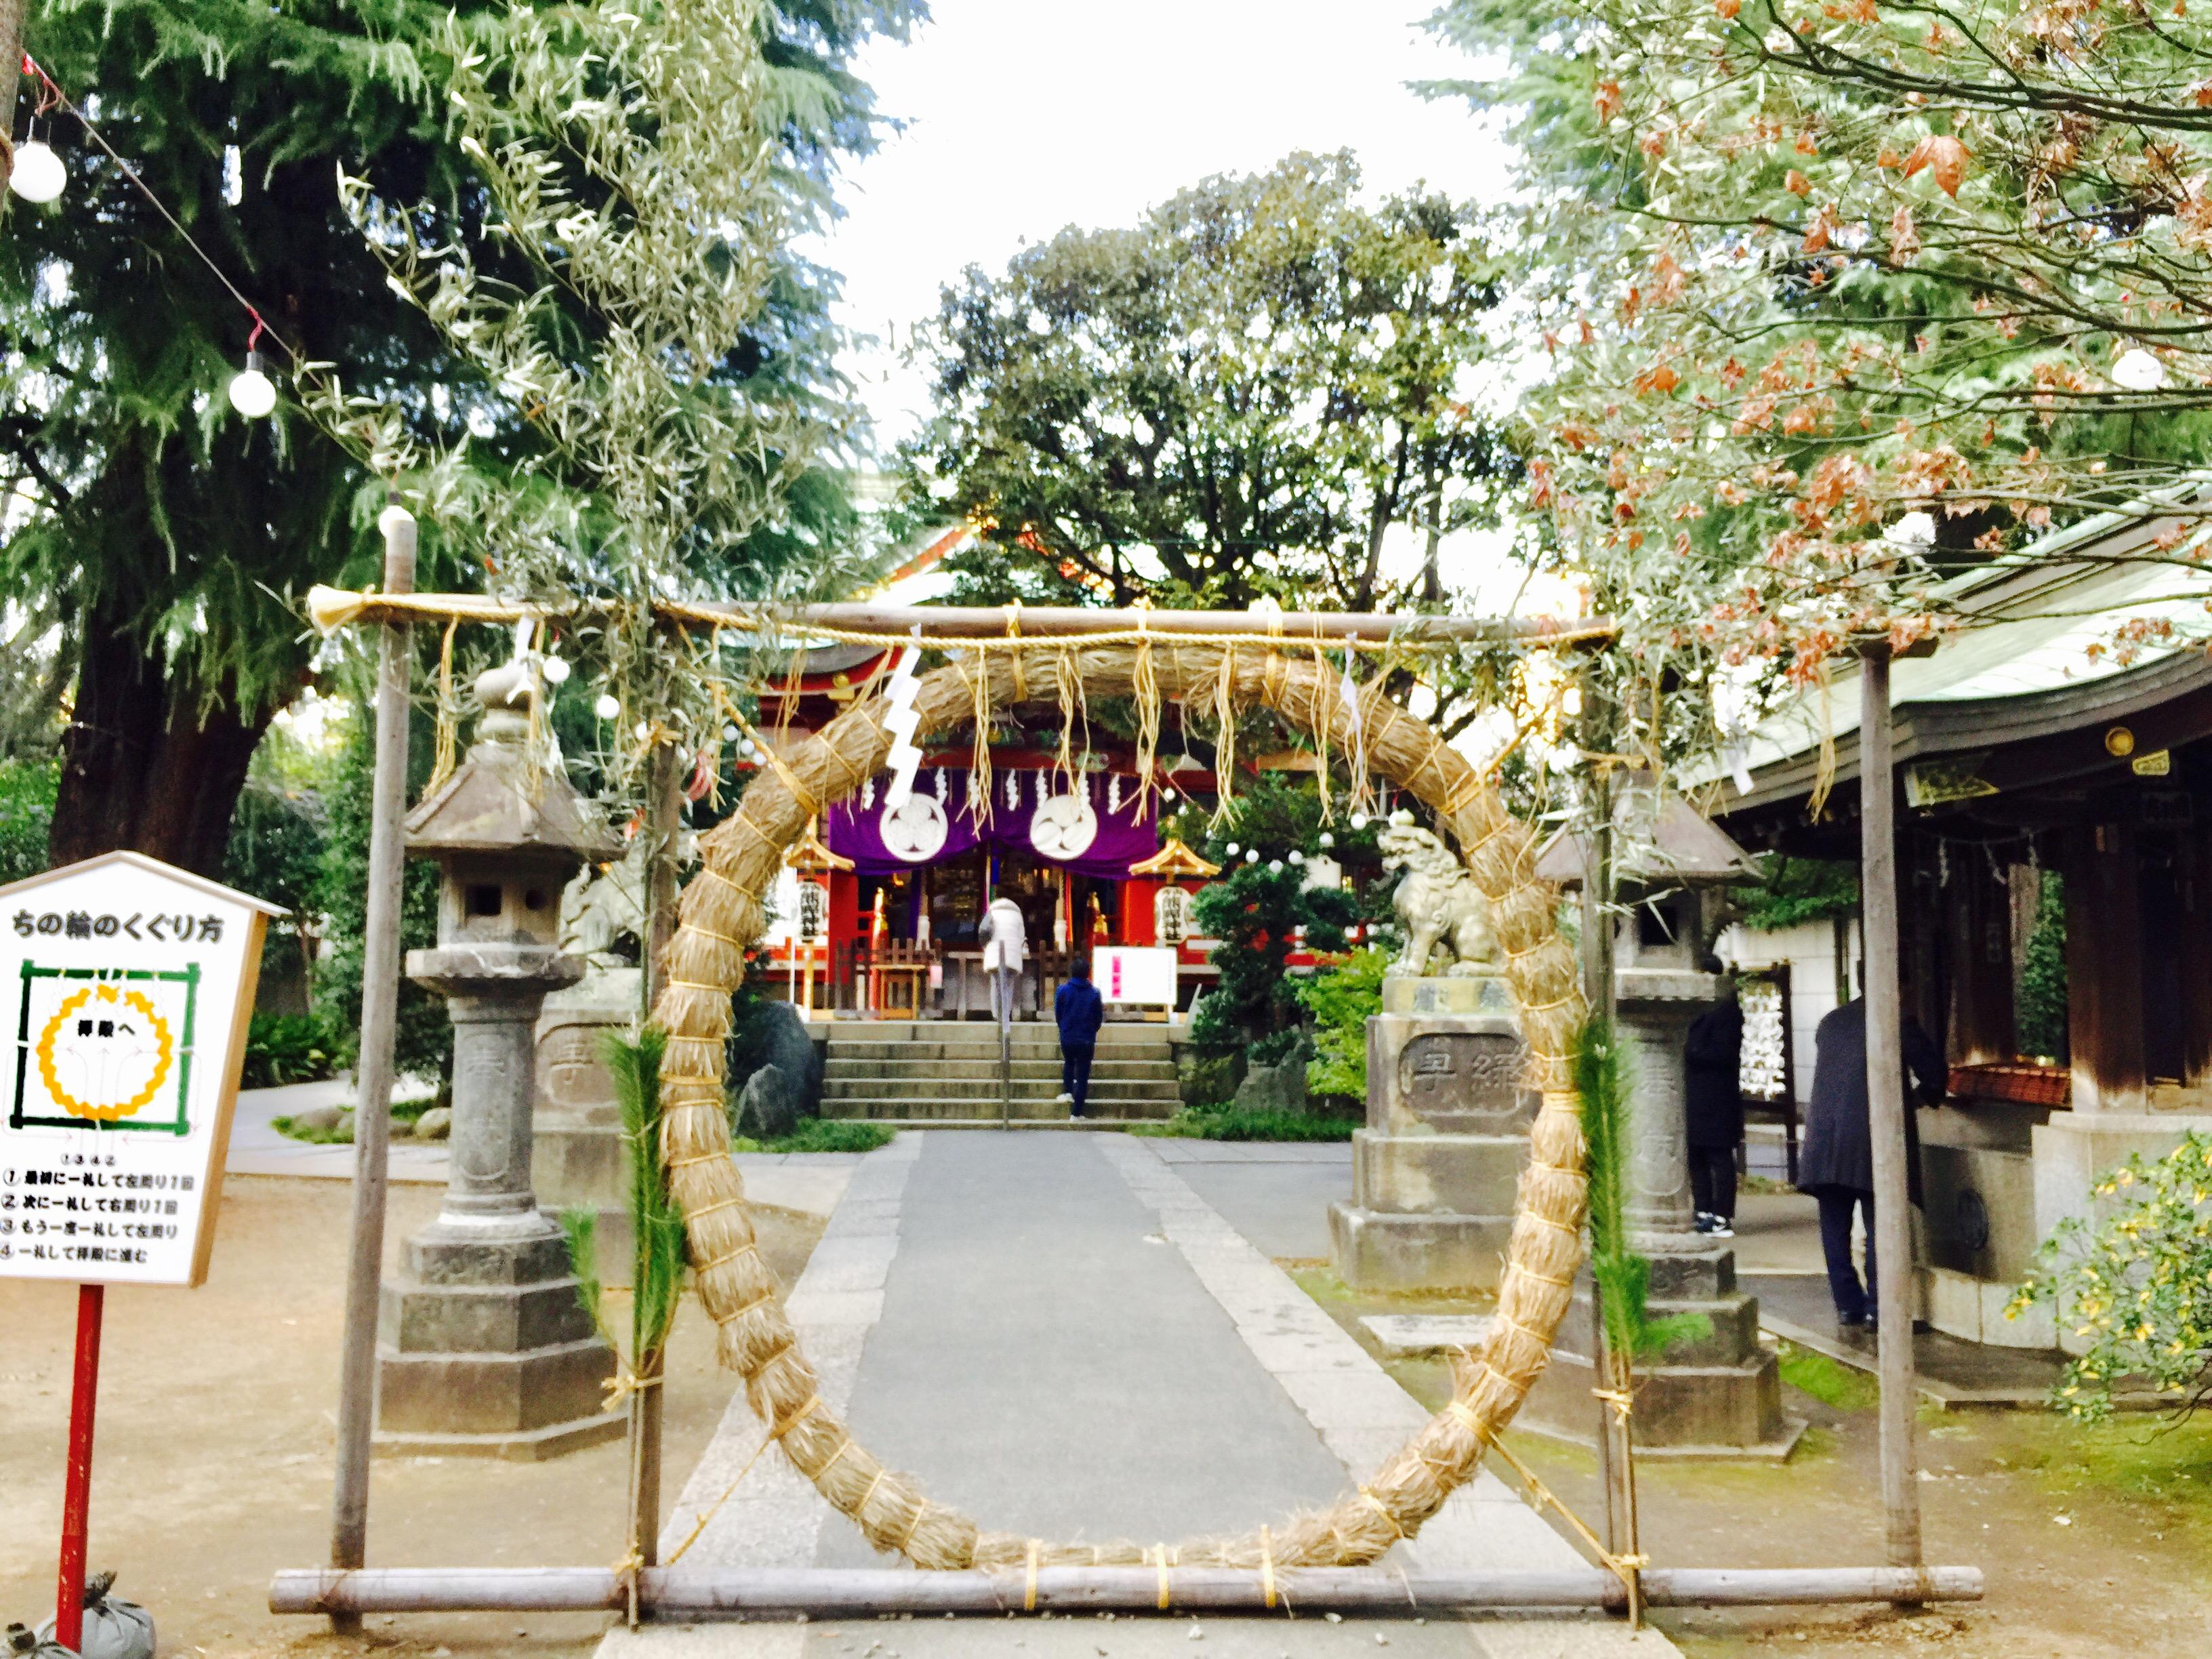 東京の「ちの輪くぐり」と 京都の友人が運んできた「新春の贈りもの」♪